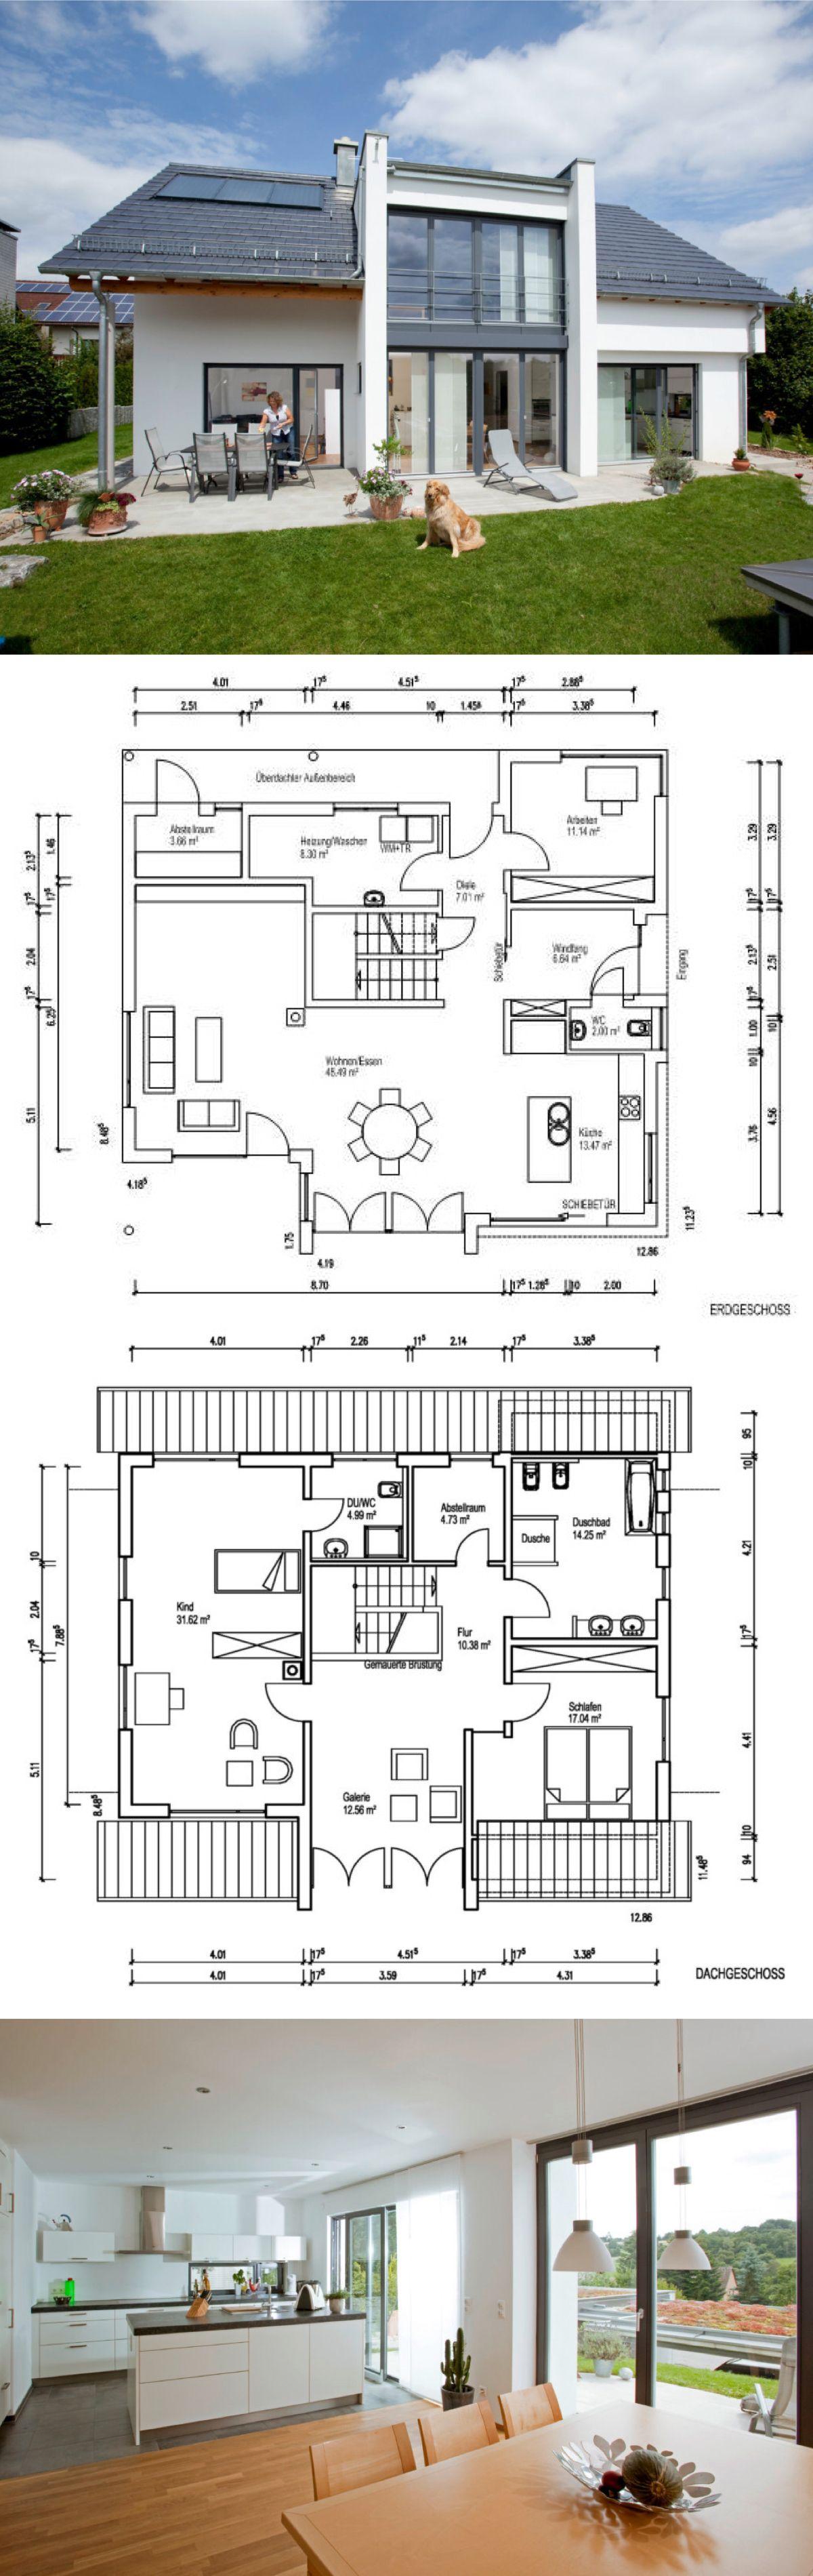 Einfamilienhaus Neubau Modern Mit Satteldach Architektur, Galerie U0026 Kamin    Hausbau Ideen Grundriss Fertighaus Leitner